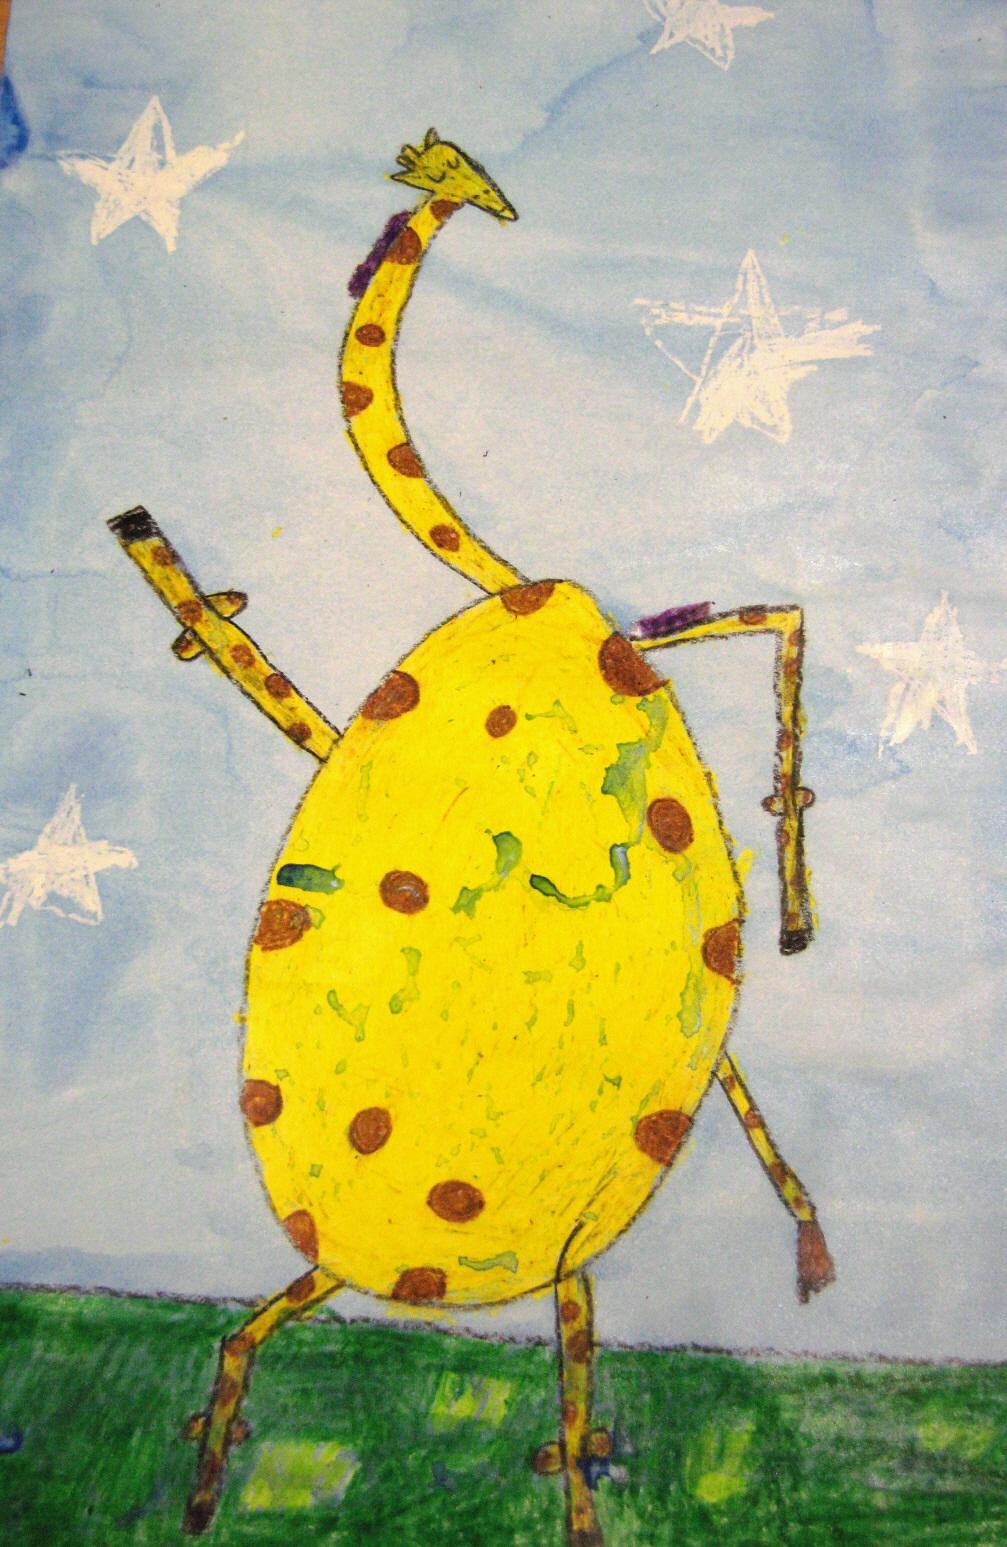 Art Project Giraffes Cant Dance